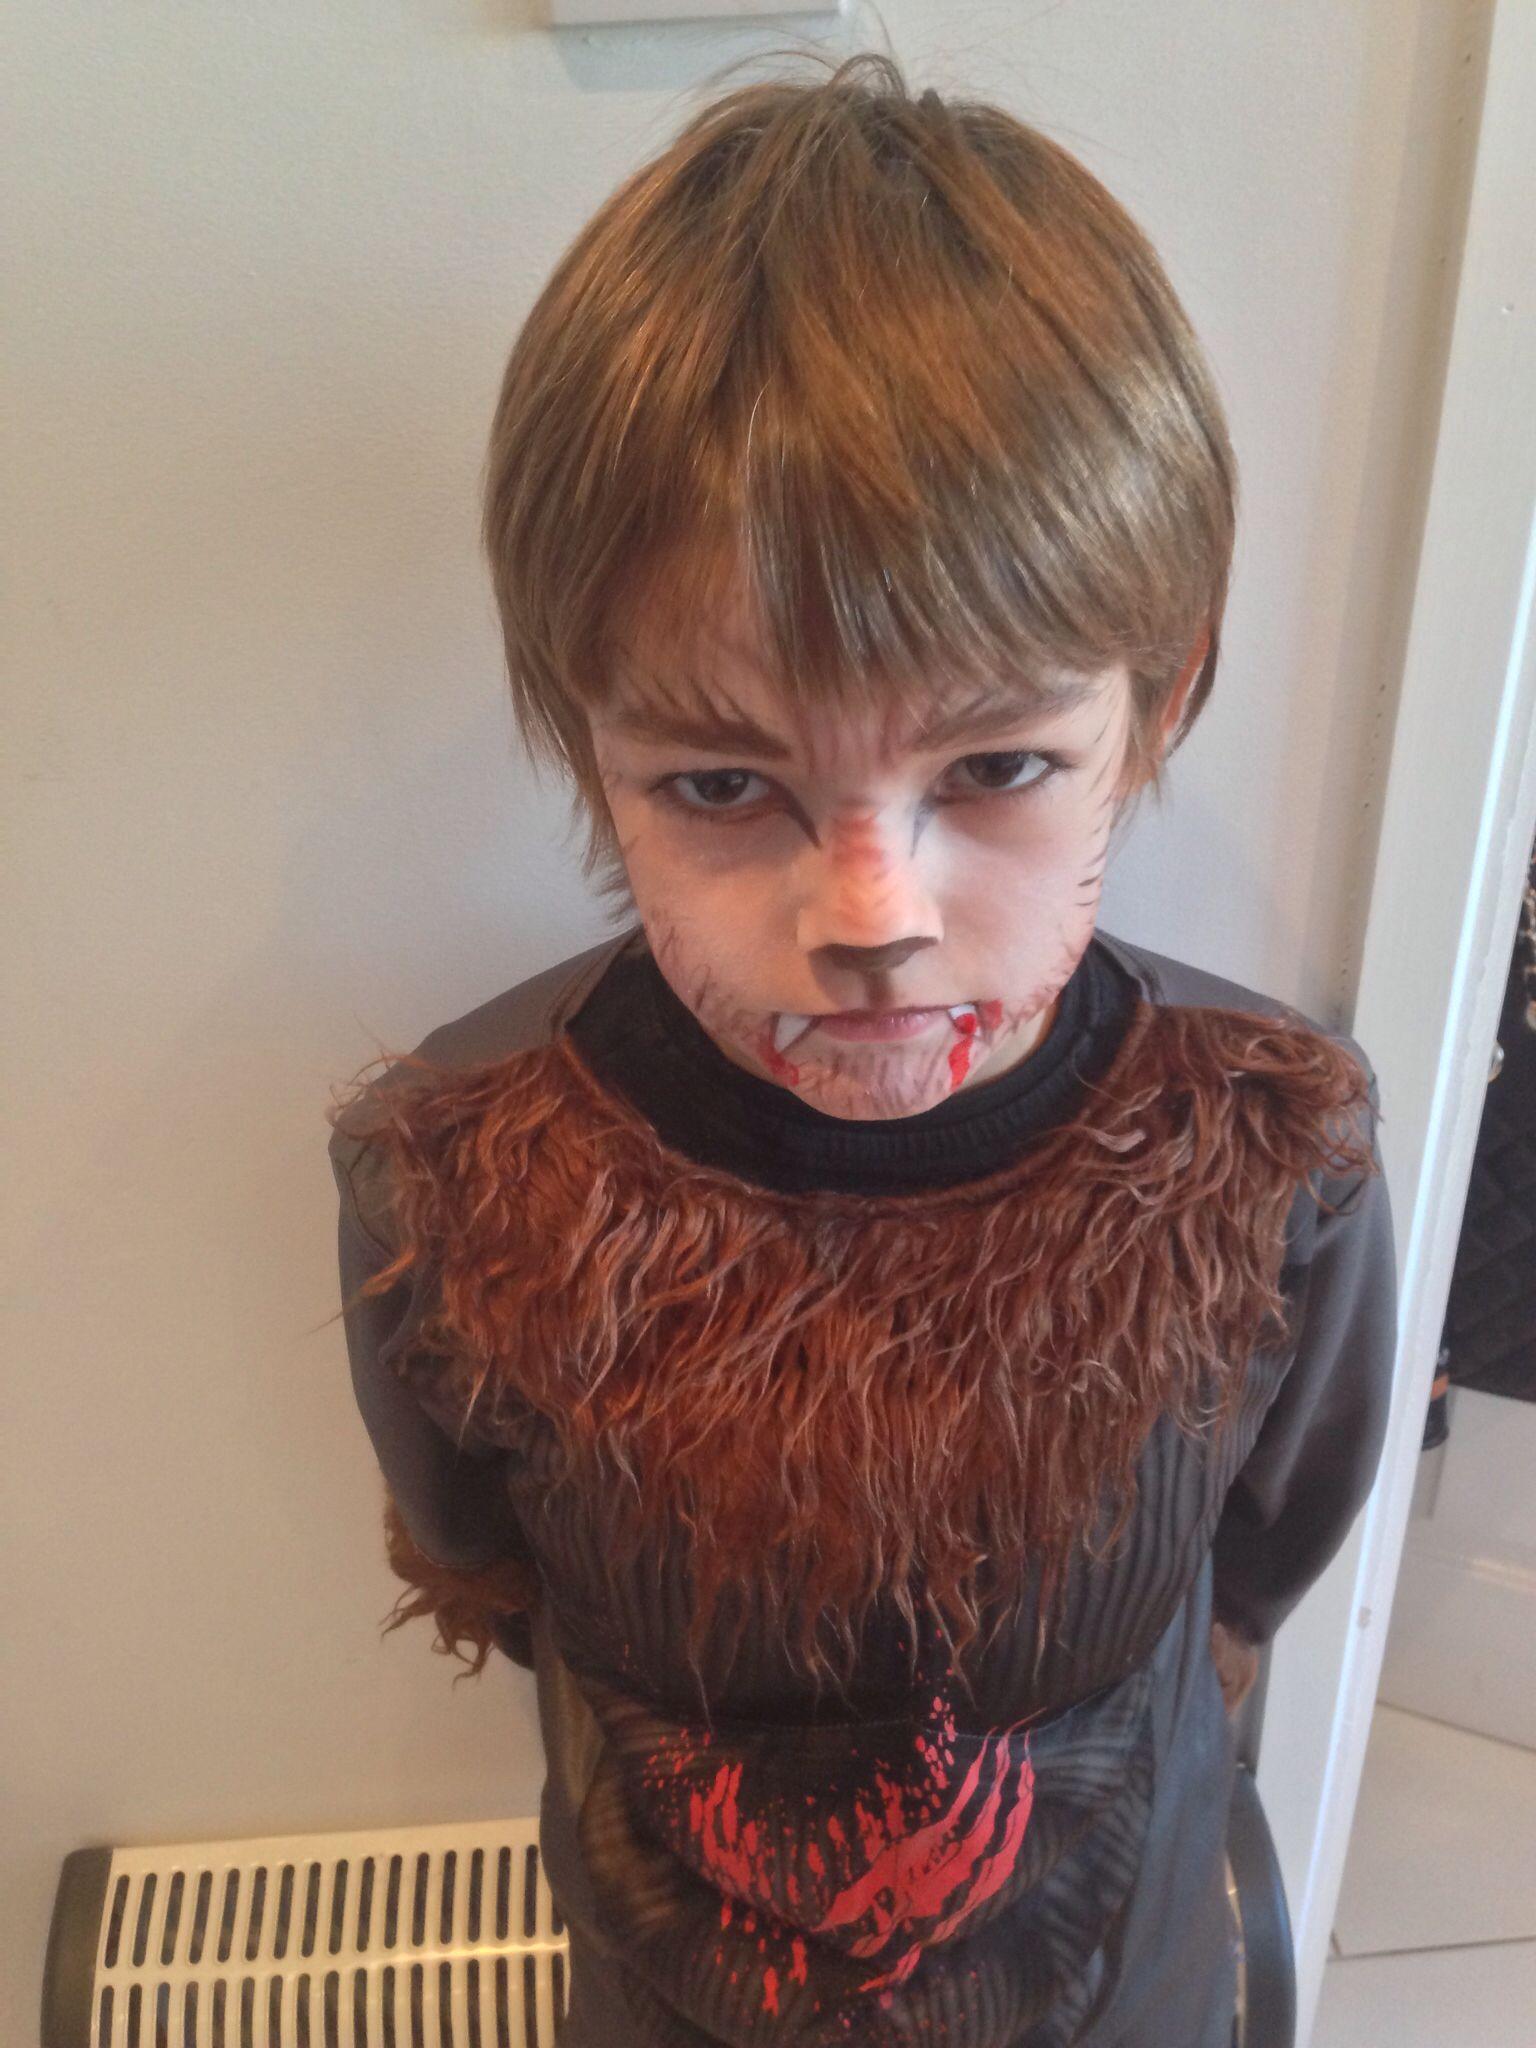 Werewolf face paint kids Halloween | Face painting | Pinterest ...